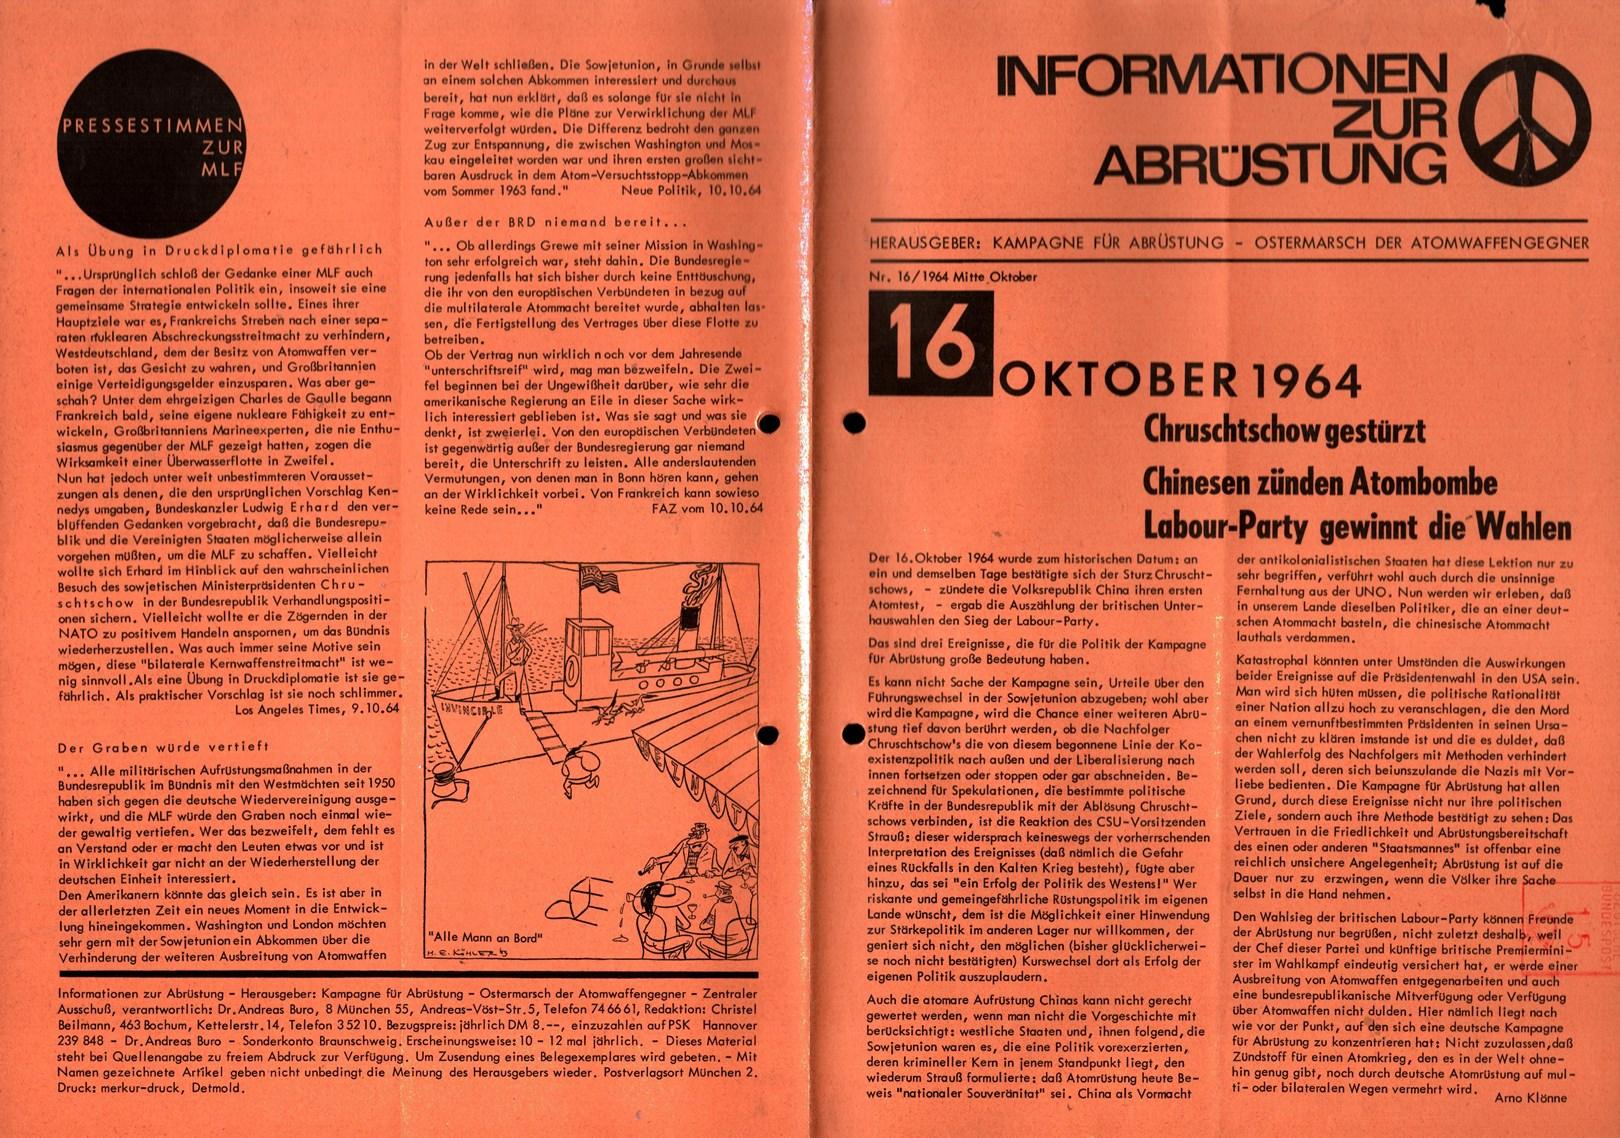 Infos_zur_Abruestung_1964_016_001